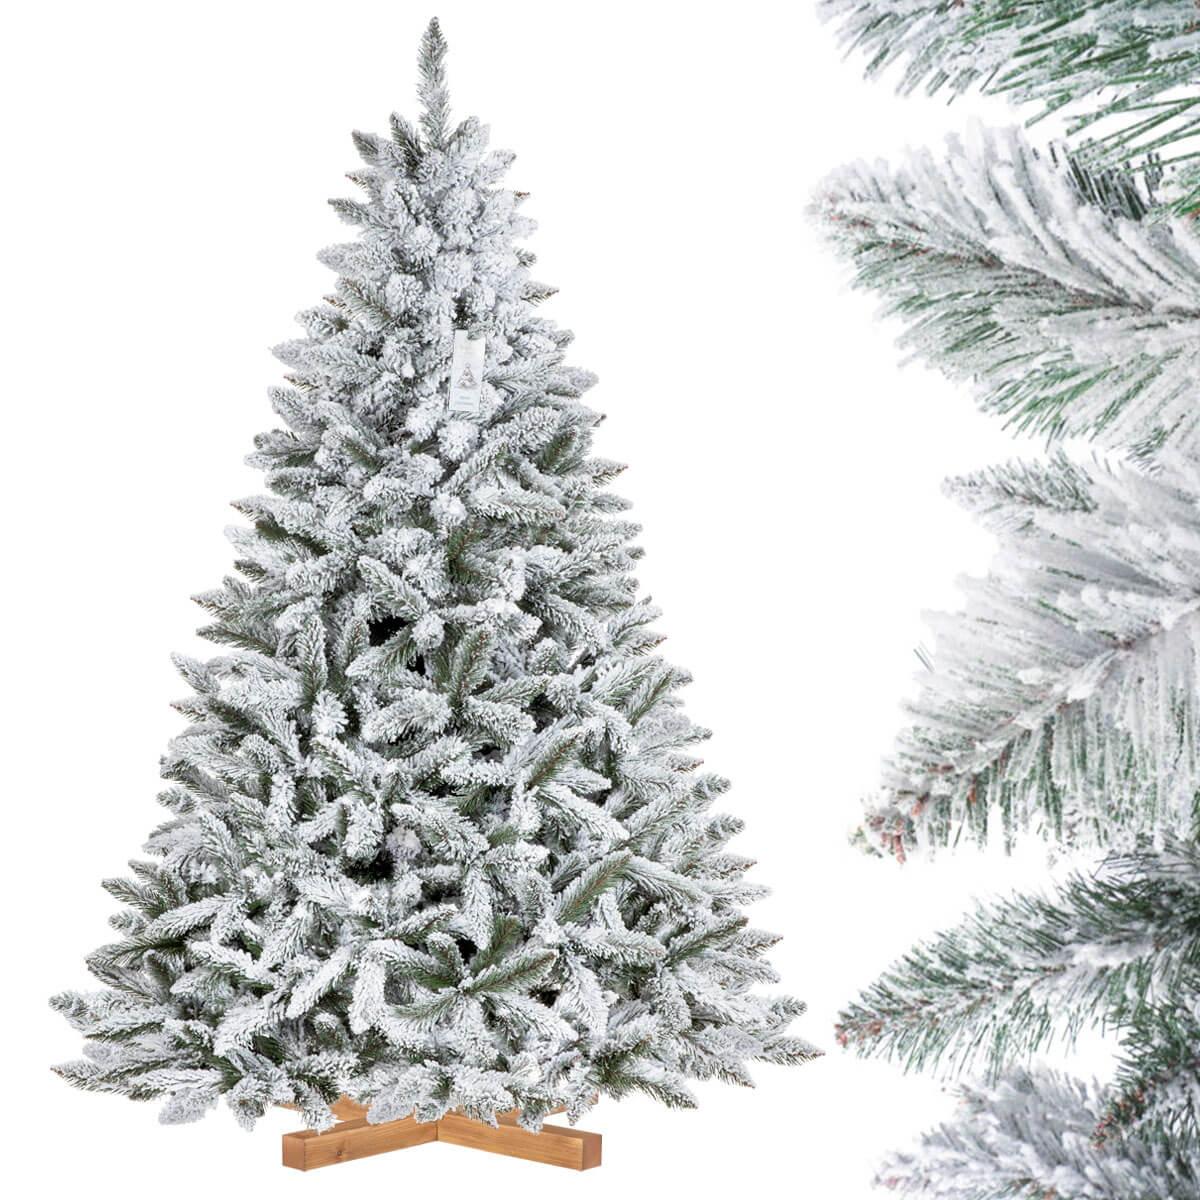 W poszukiwaniu świątecznego klimatu. Póki nie jest za późno 5